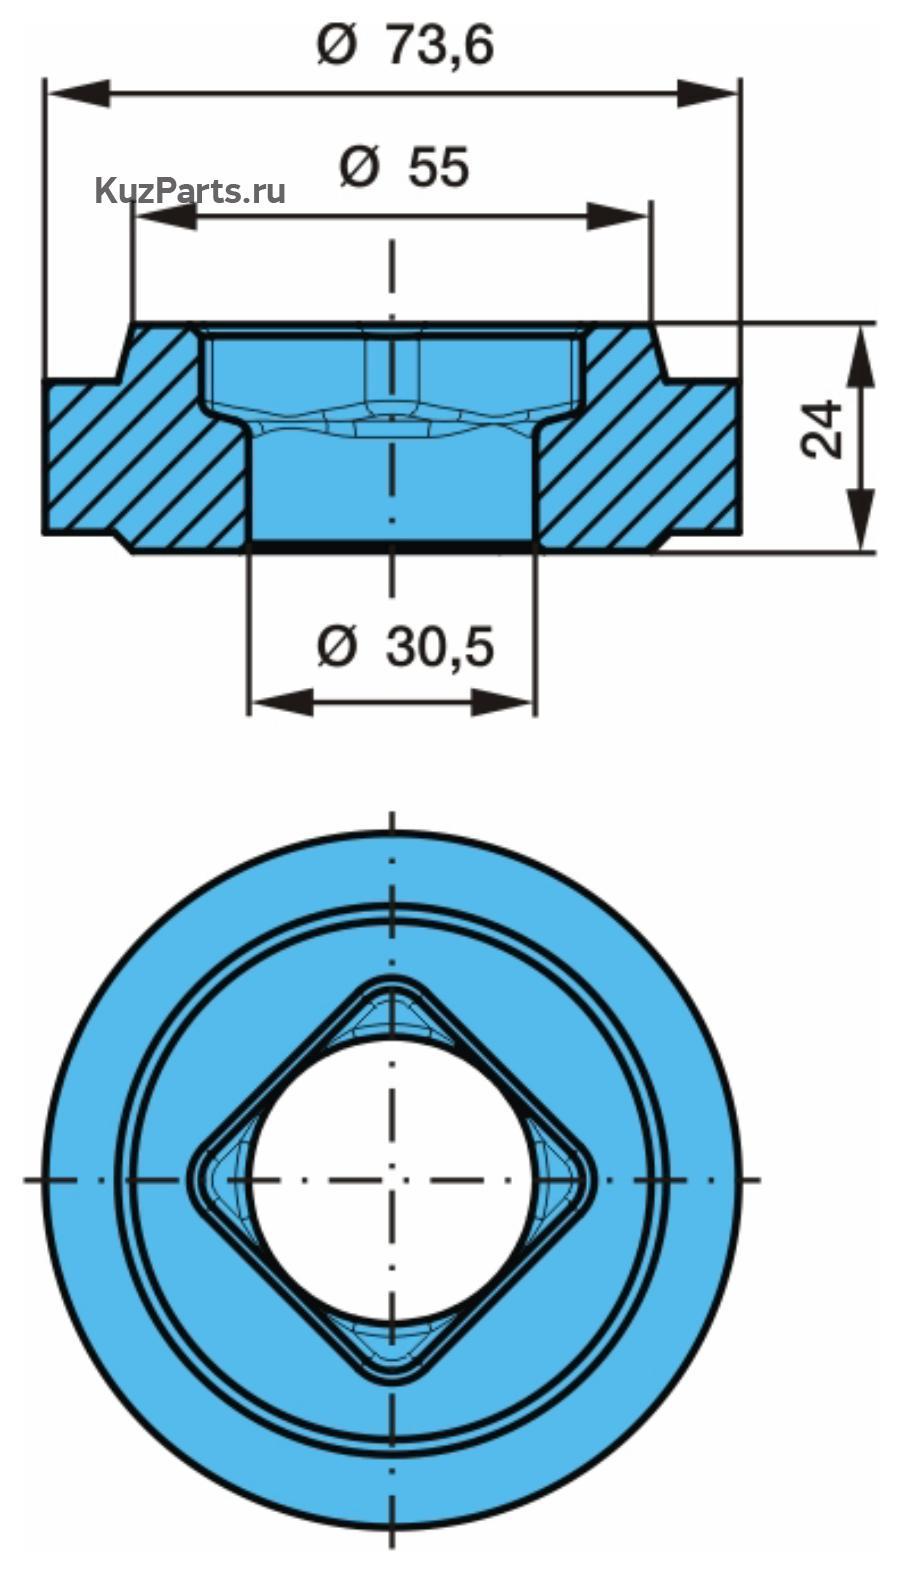 ВтулкаСтопор против прокручивания с квадратом внутри, сменная шайба отдельно